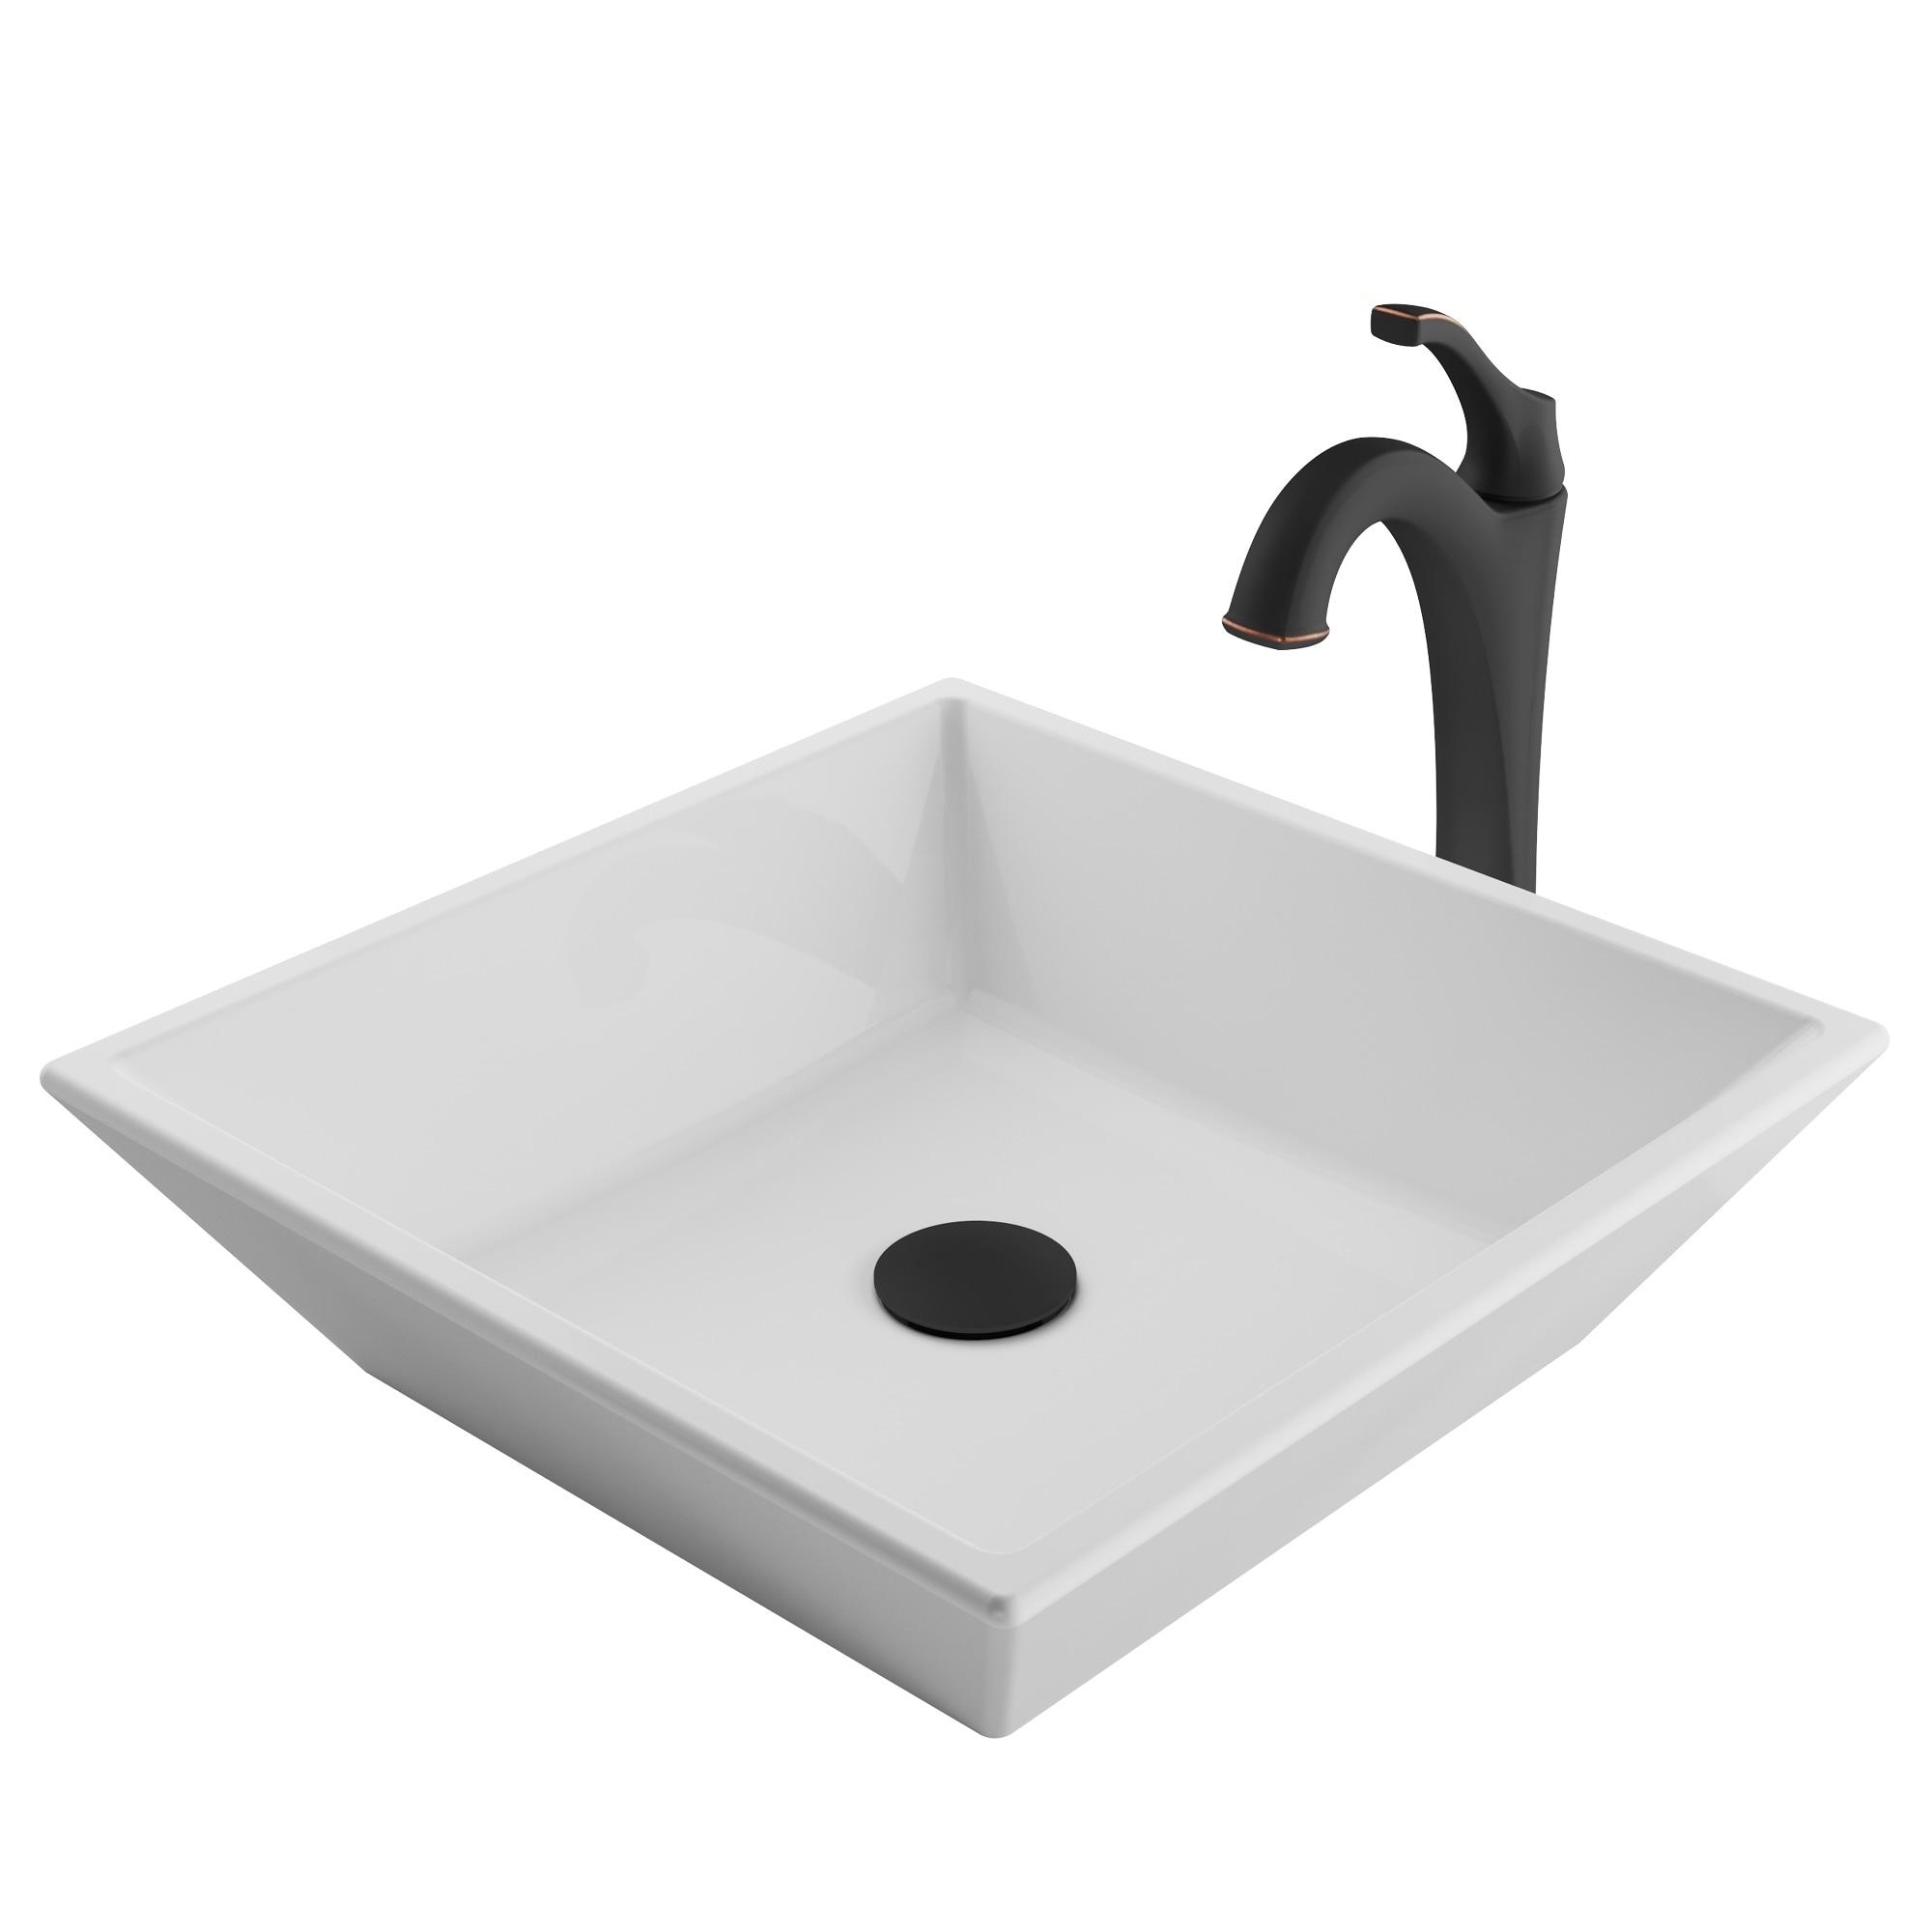 Set C Kcv 125 1200 White Ceramic